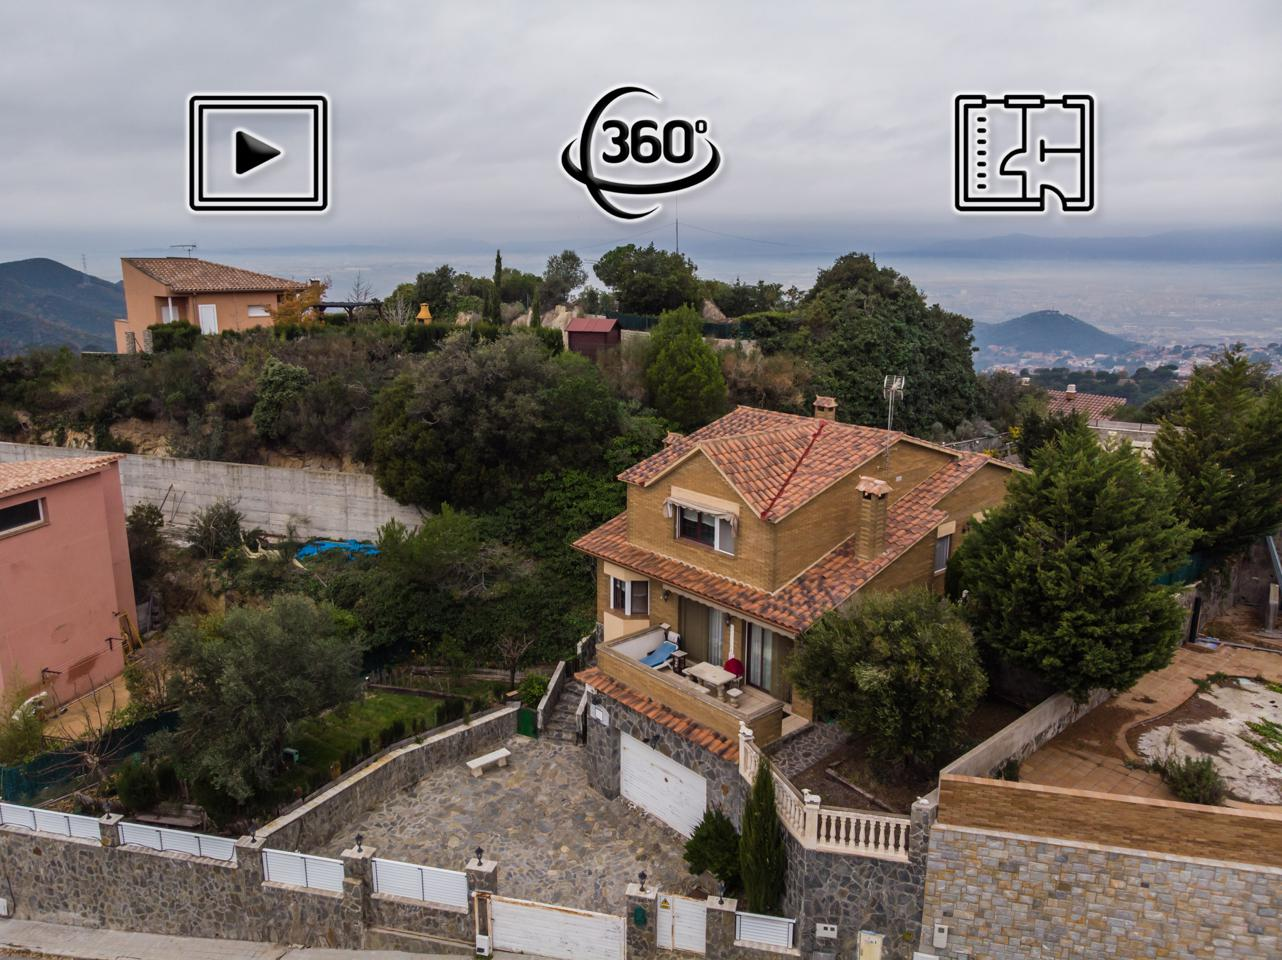 villa en sant-fost-de-campsentelles · carrer-la-pau-26-08105 450000€